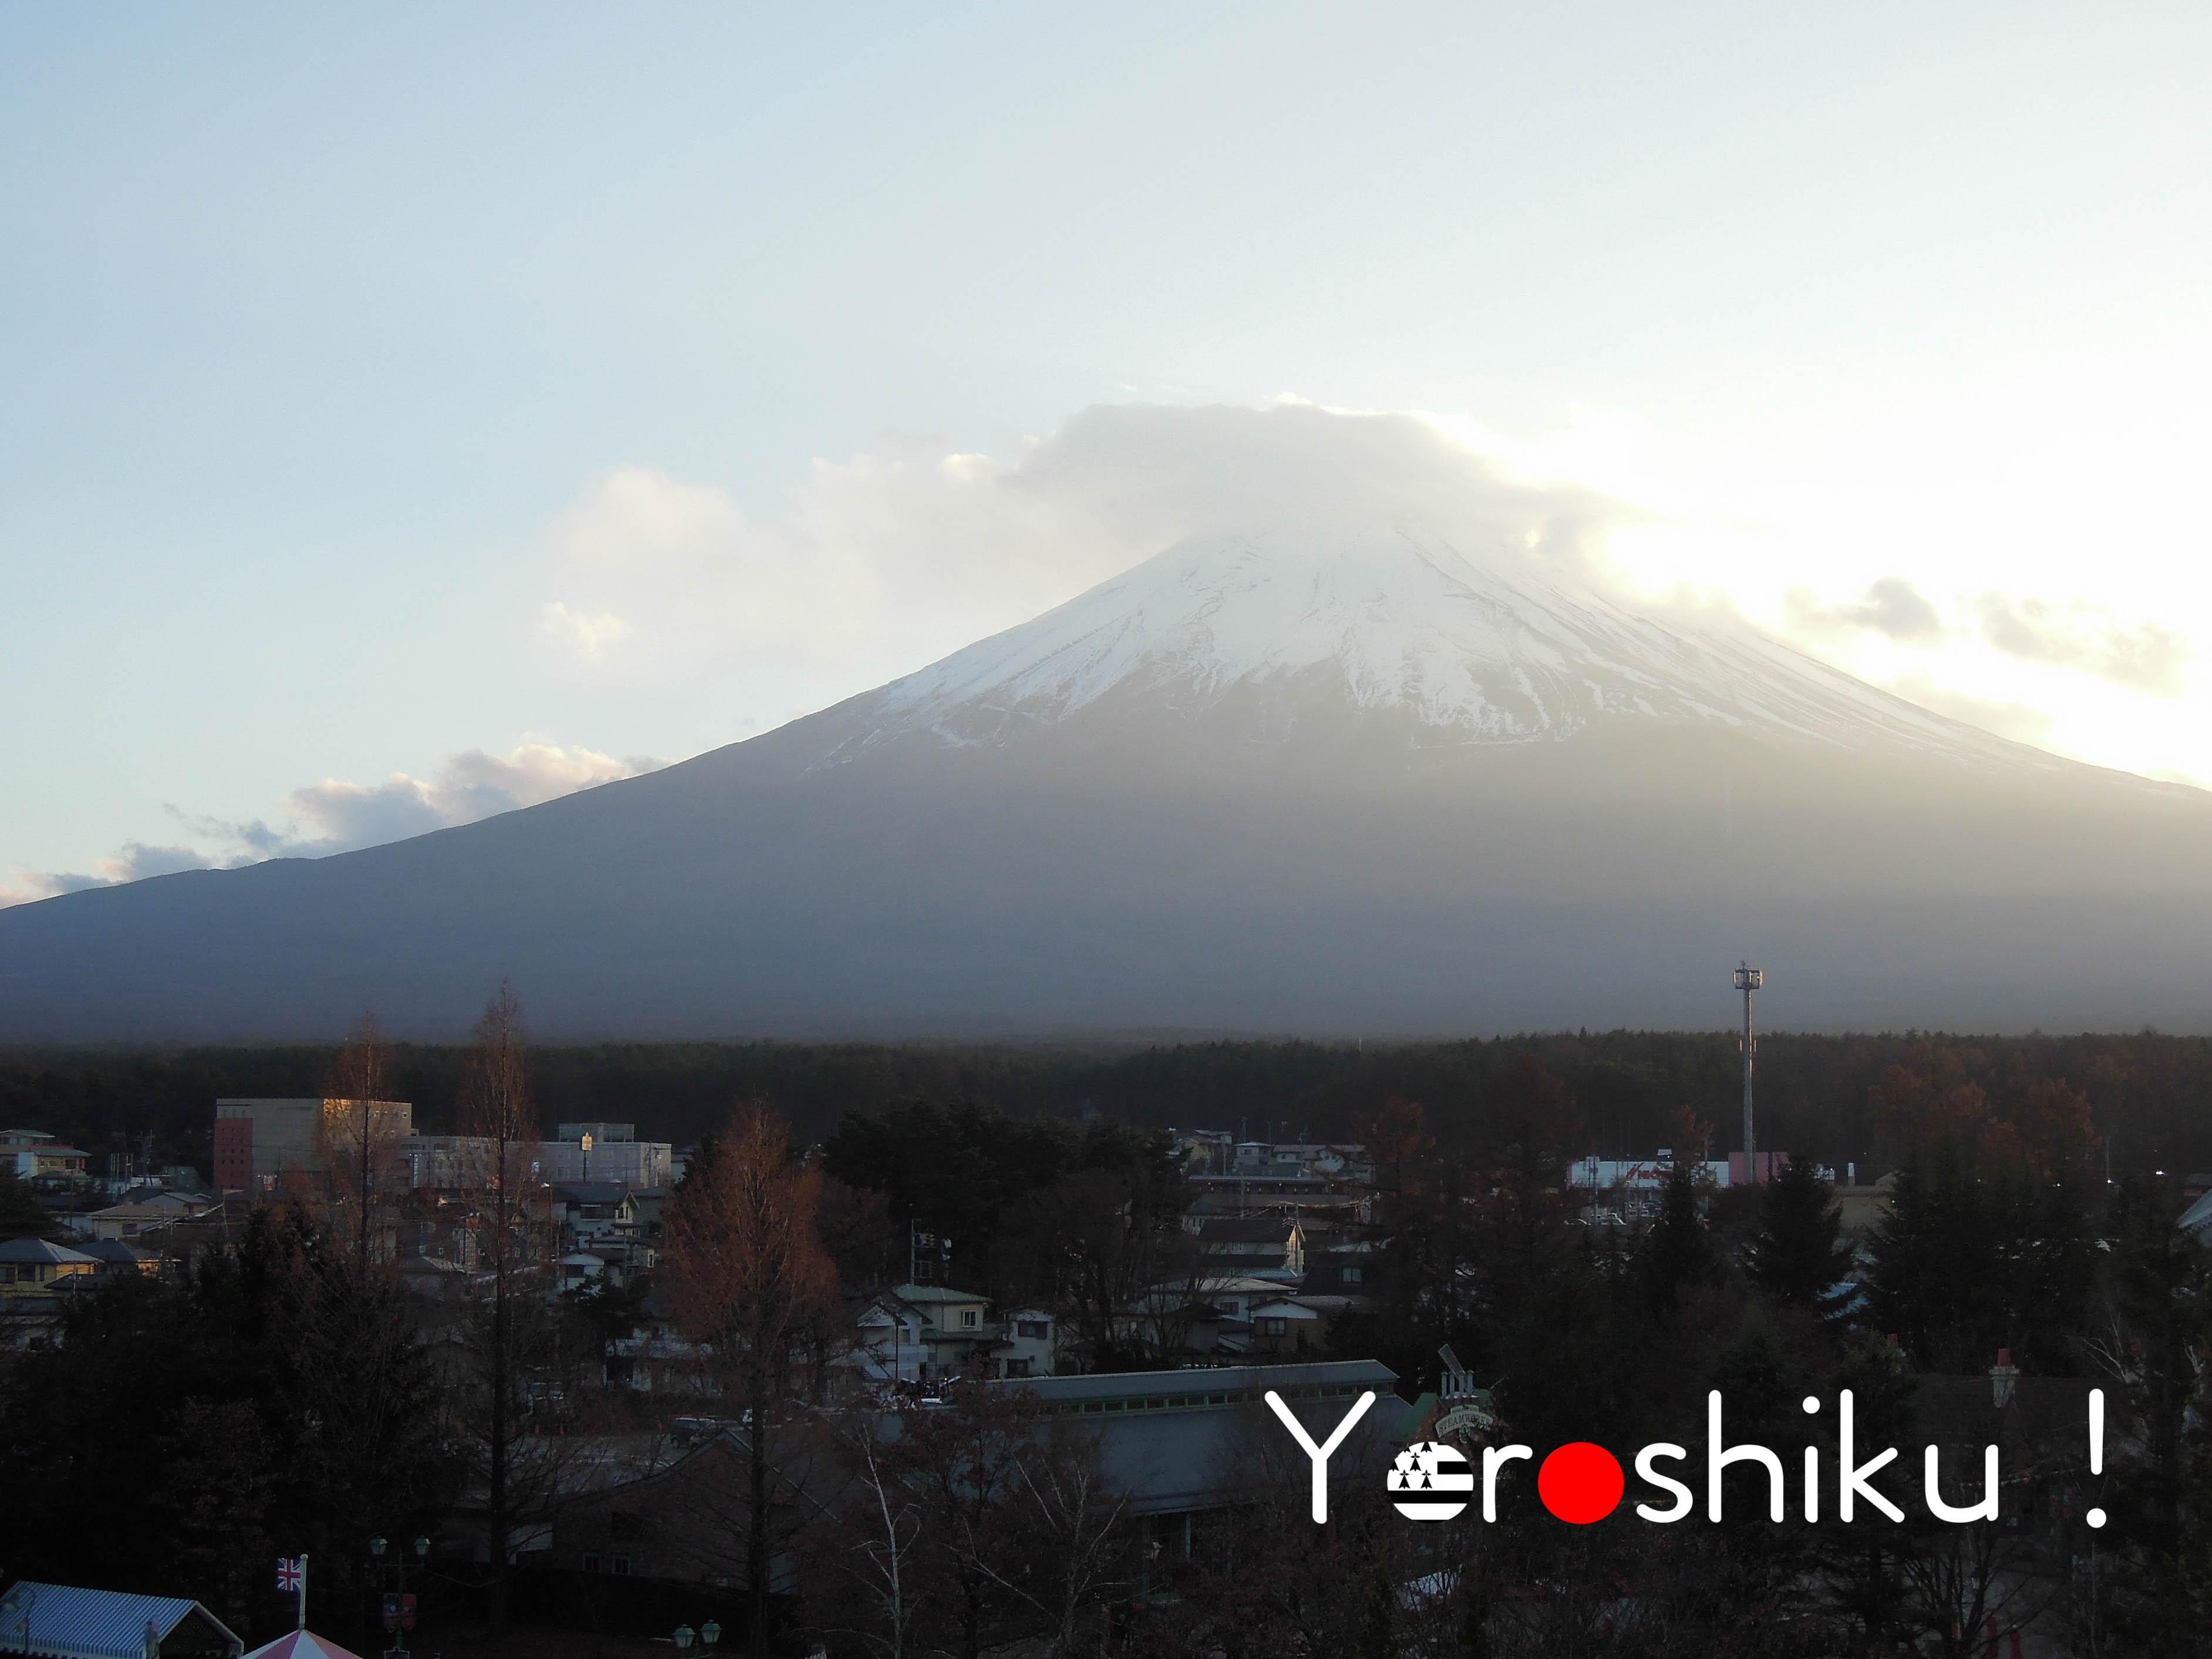 Fuji-Q Highland Yoroshiku